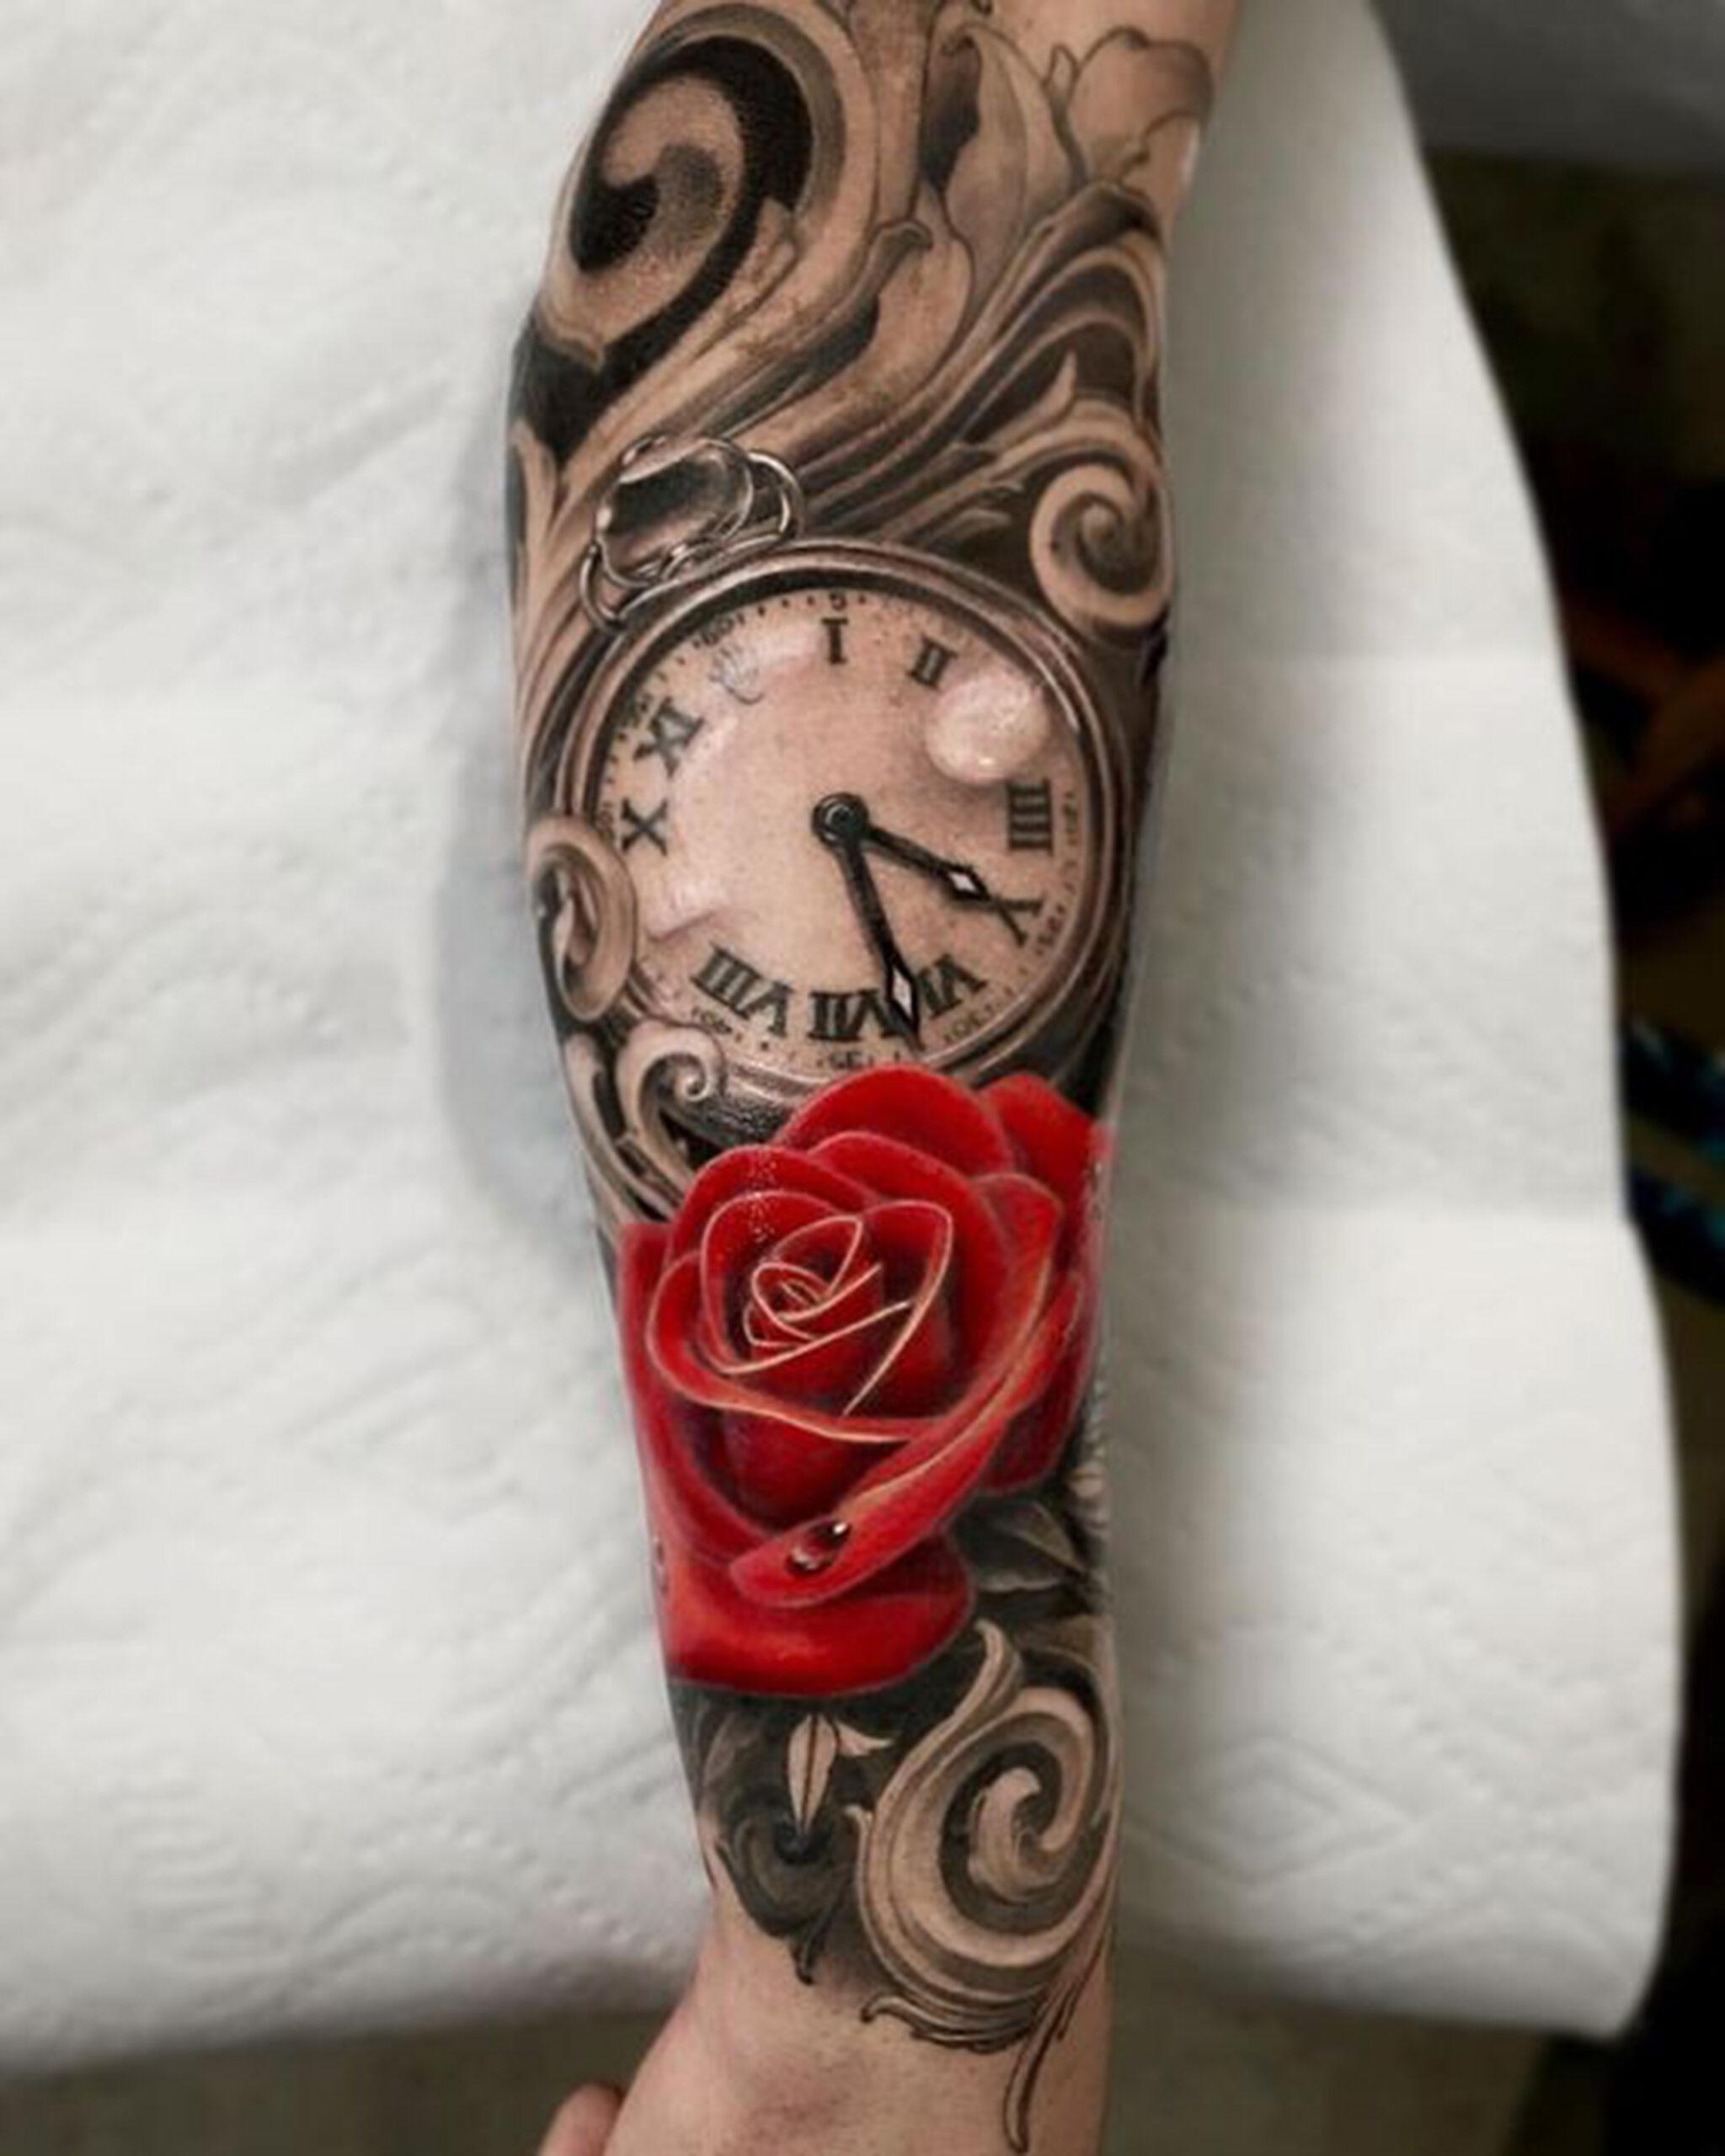 giá hình xăm đồng hồ hoa hồng bao nhiêu?